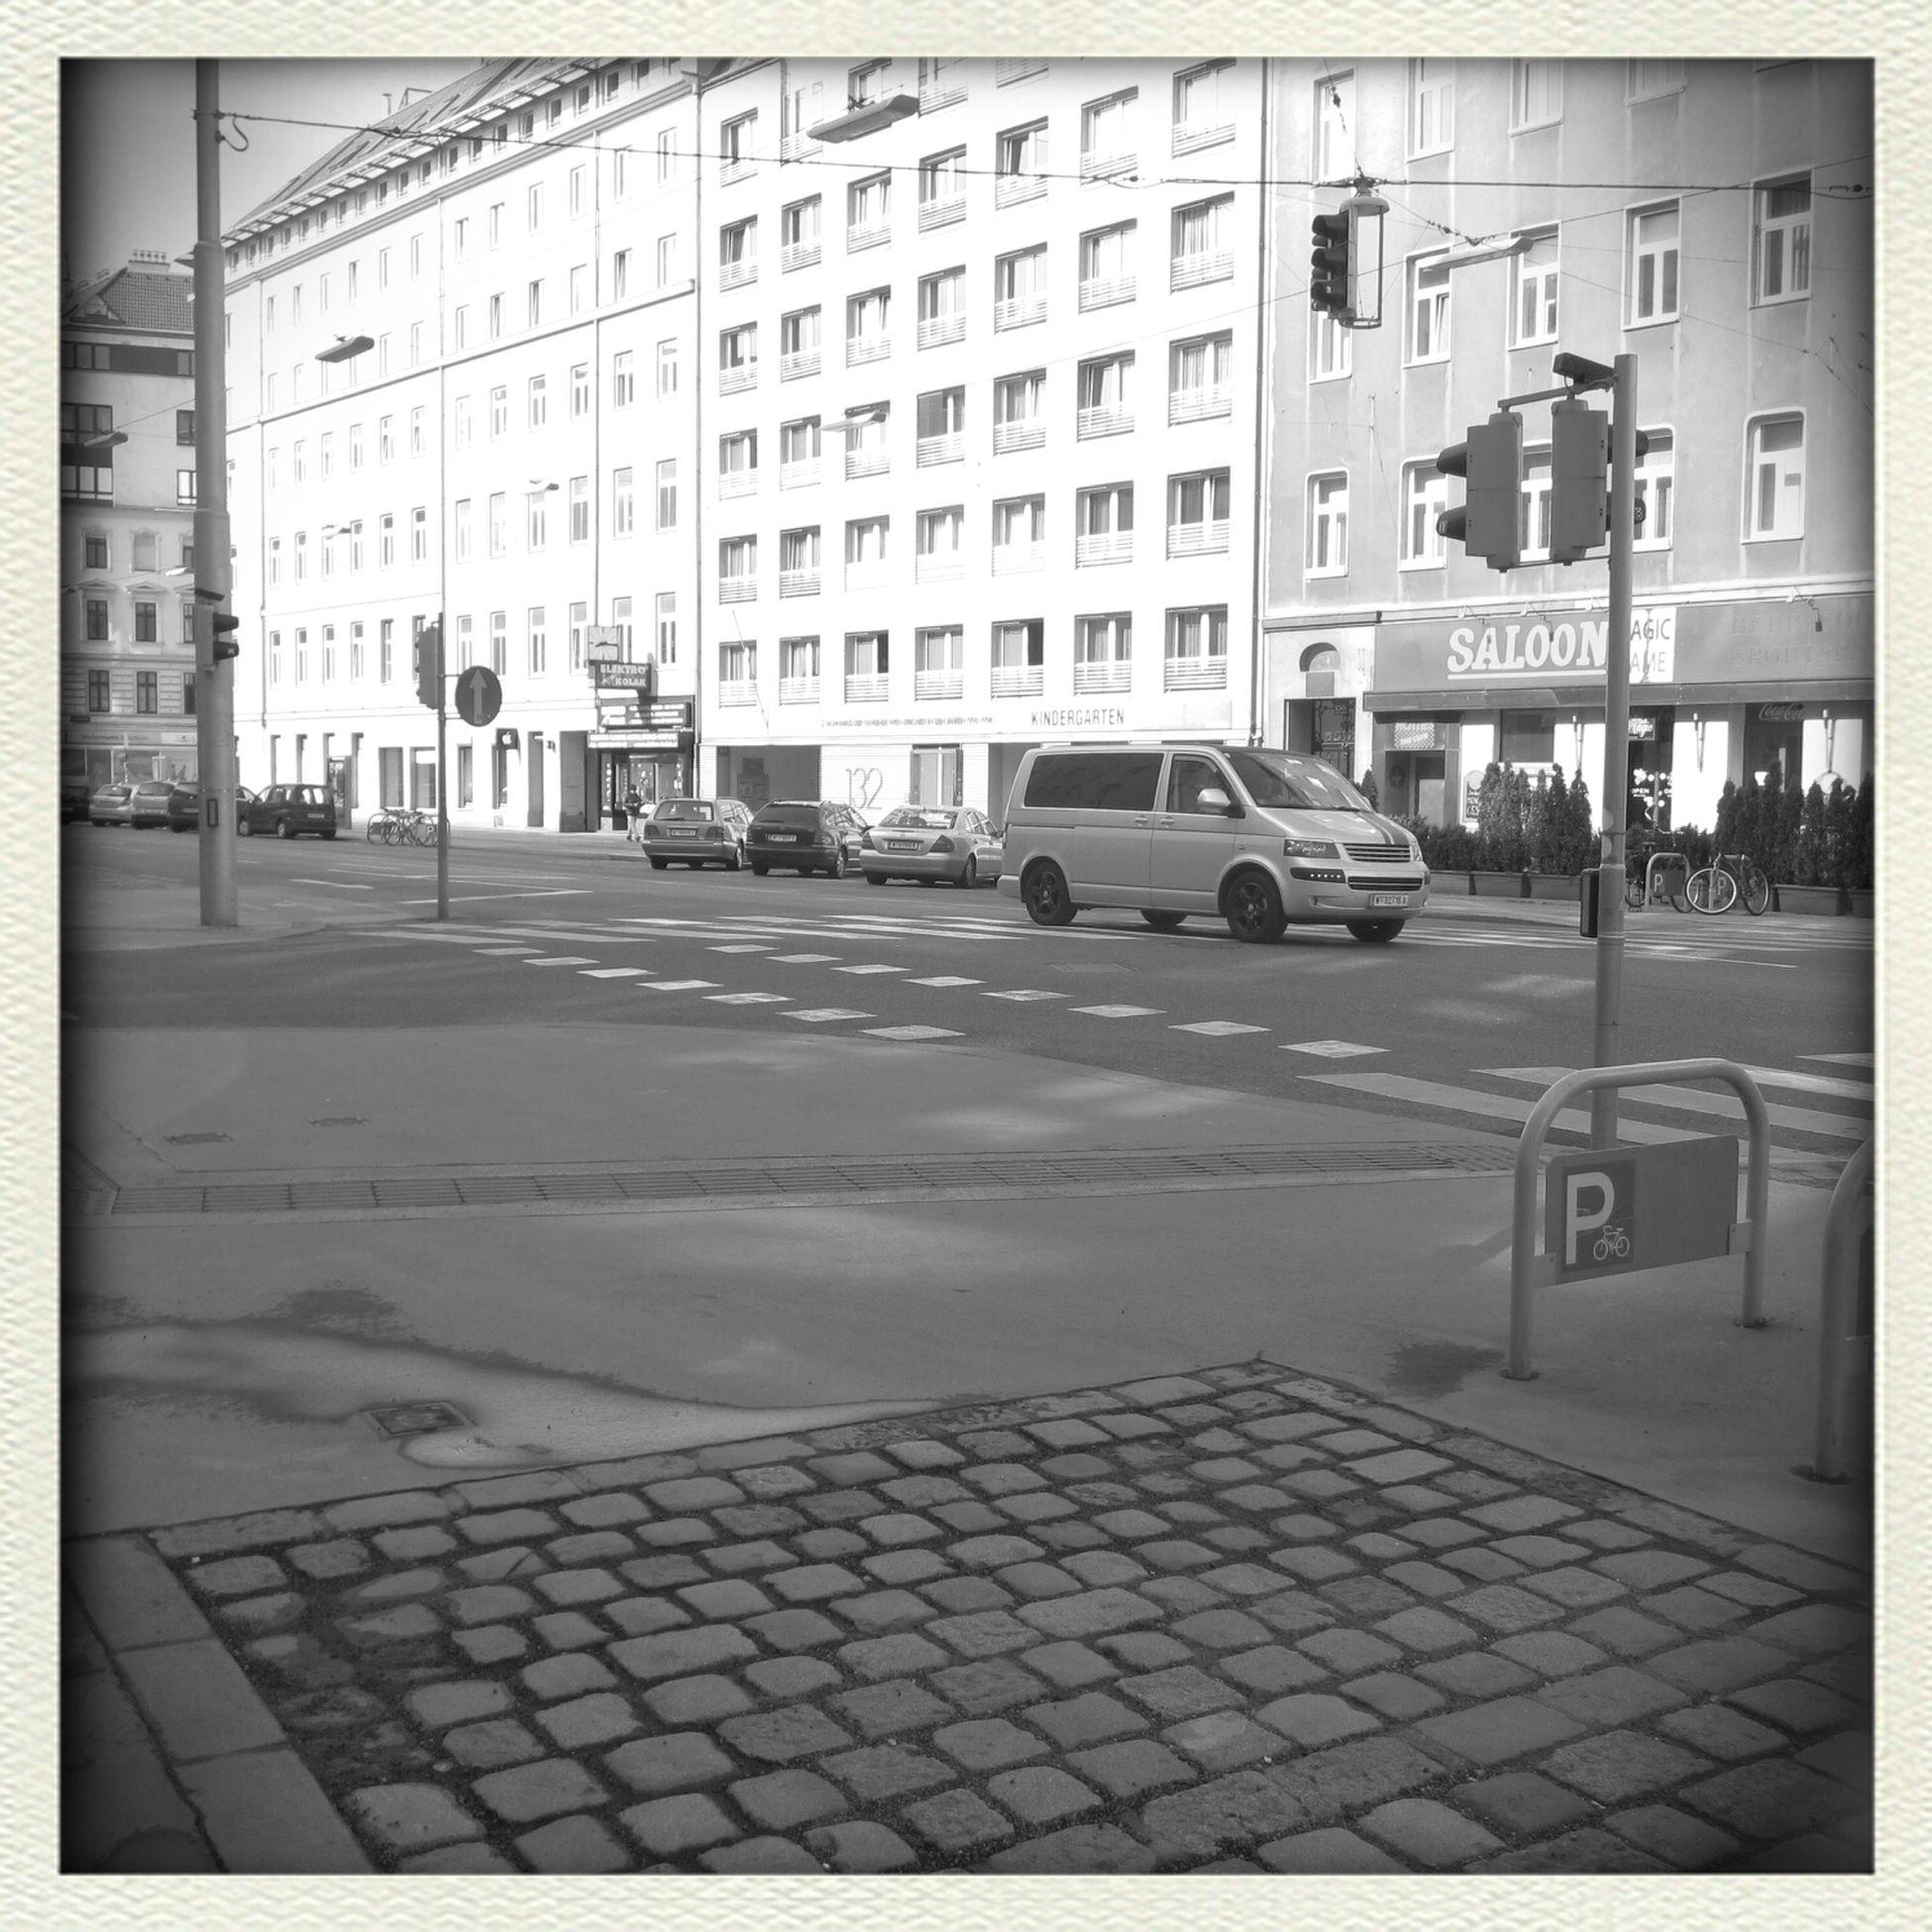 Schwarz & Weiß Blac&white  Street März 2014